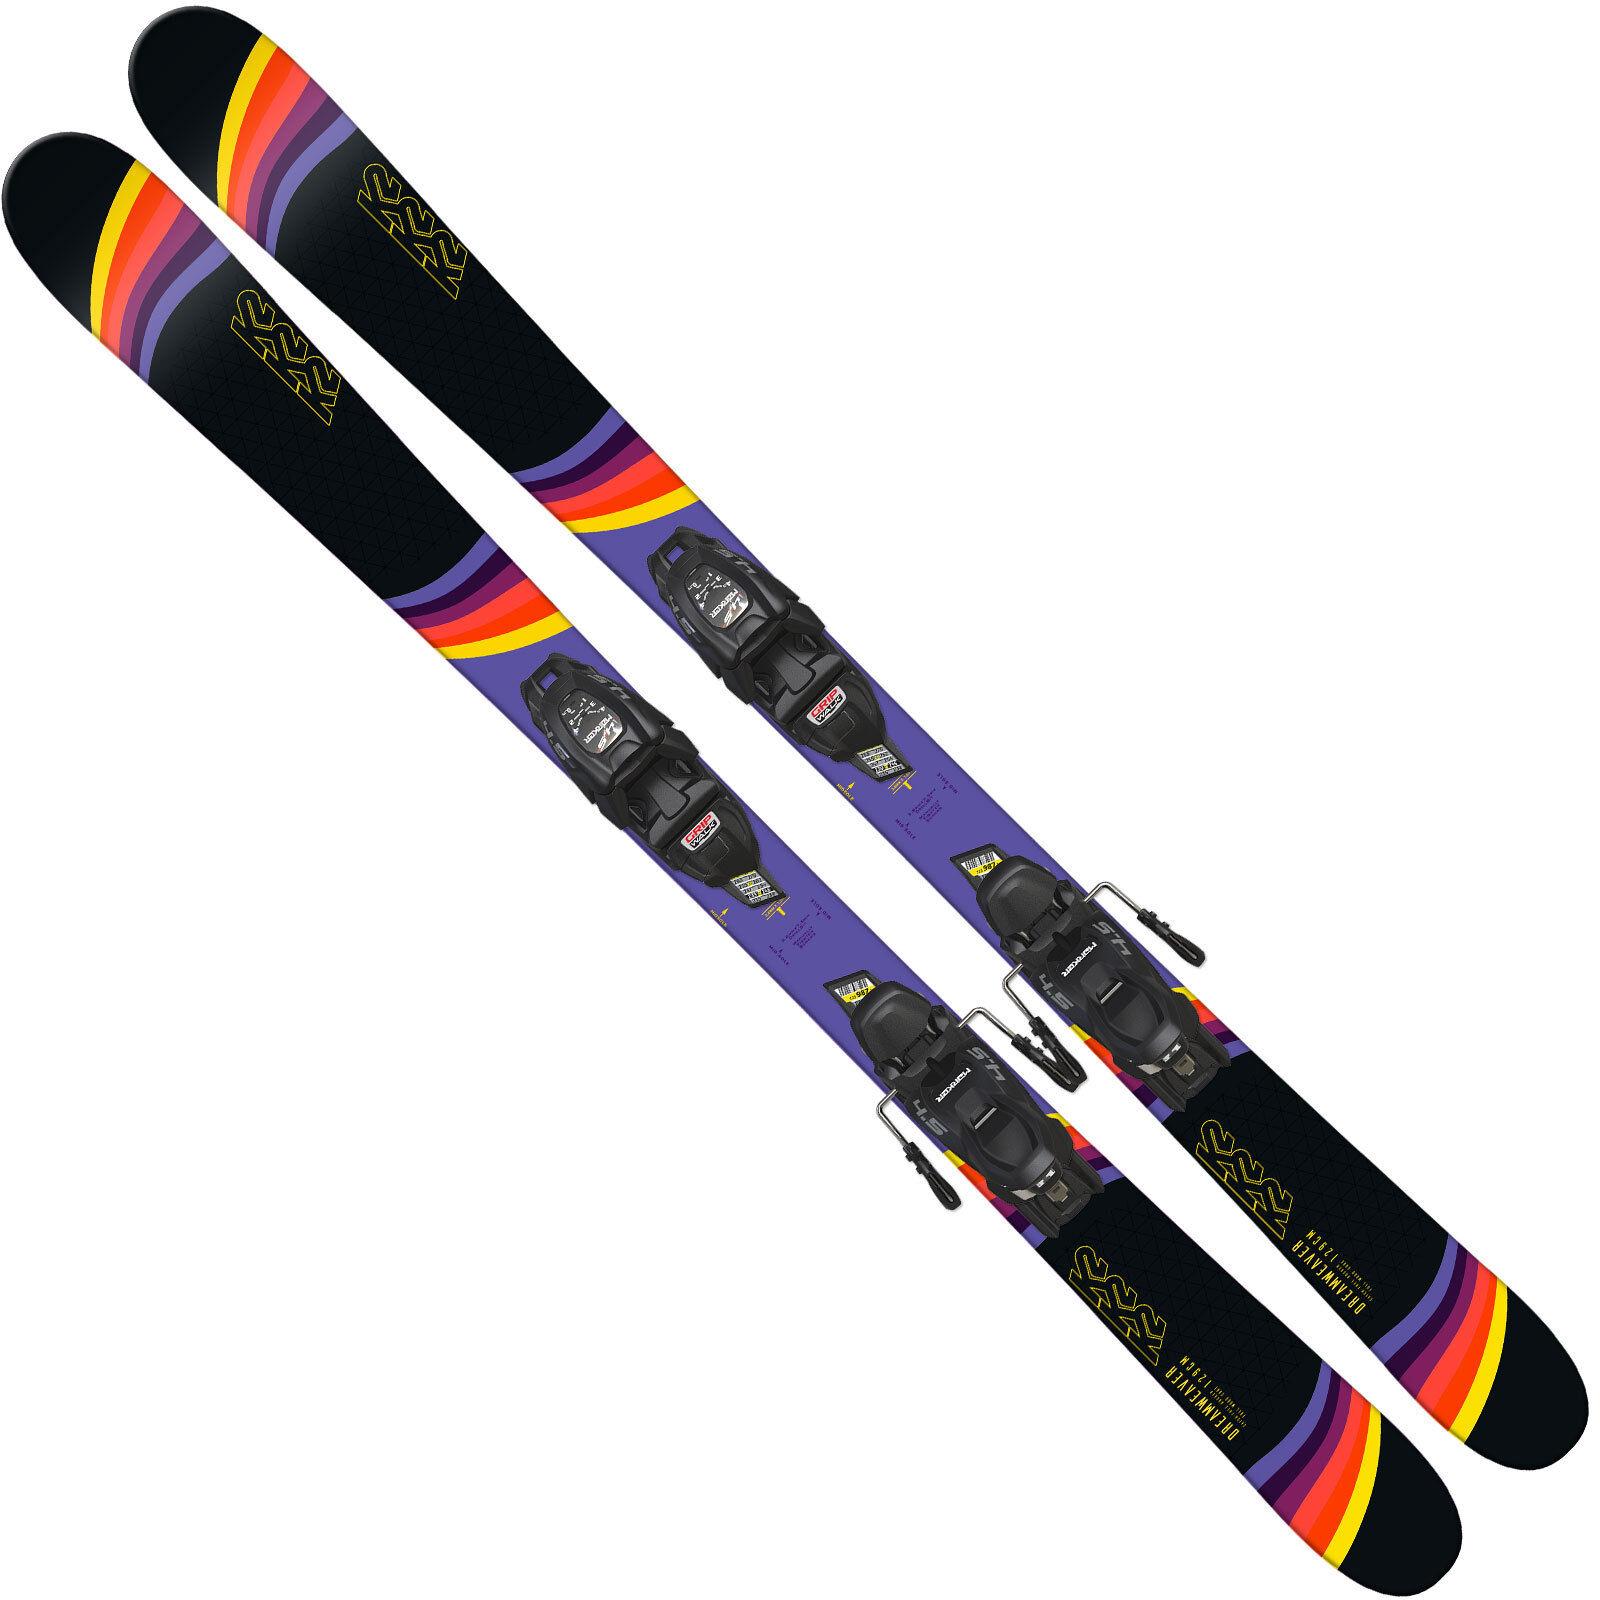 K2 Dreamweaver Jr Esquís para Niños Incl. Fdt 4.5 7 Fijación Juego de Esquí